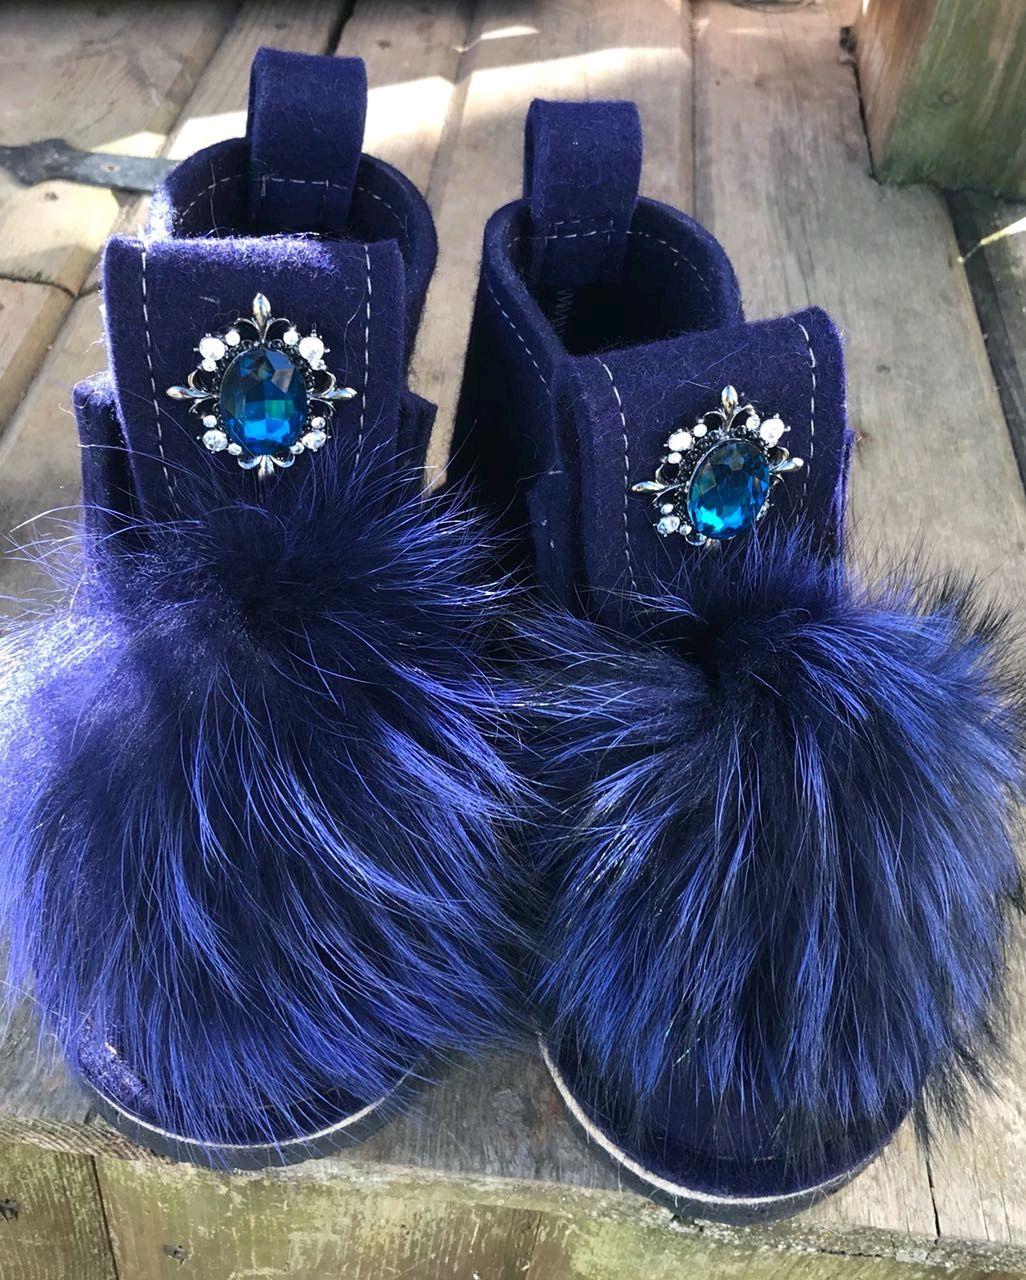 Обувь ручной работы. Ярмарка Мастеров - ручная работа. Купить Валенки короткие с декором. Handmade. Валенки, валенки для улицы